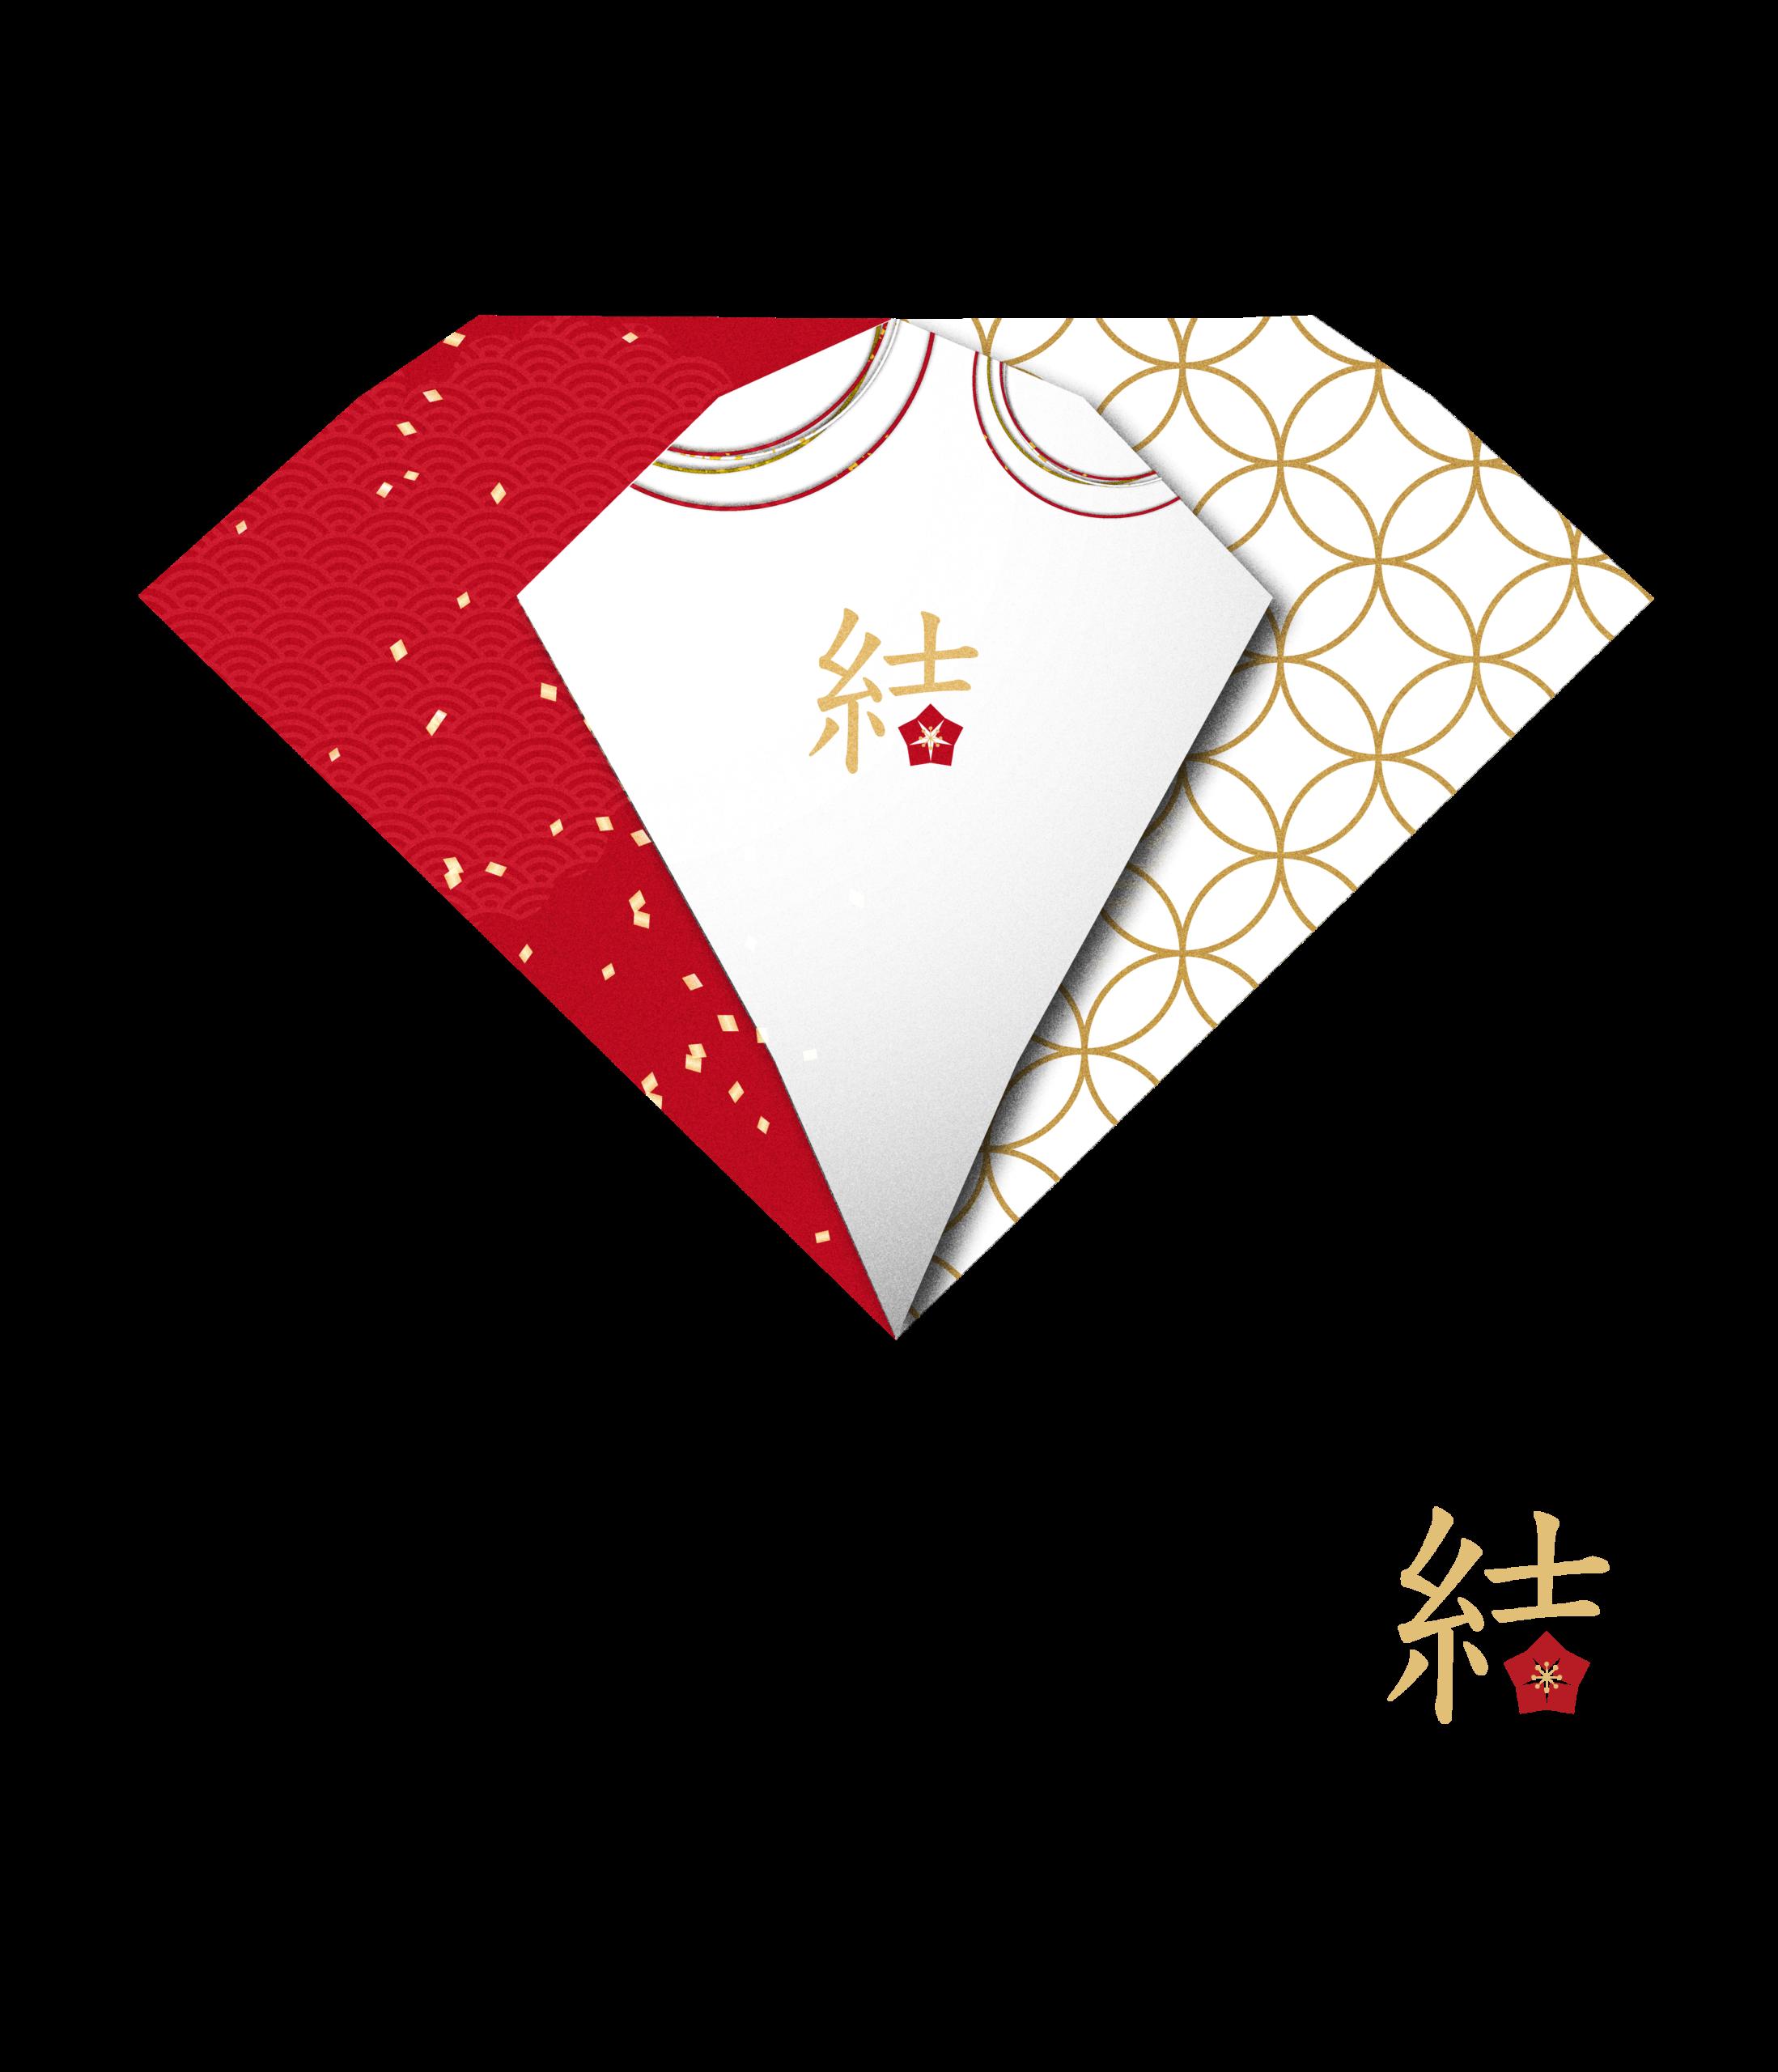 yui_logo-3